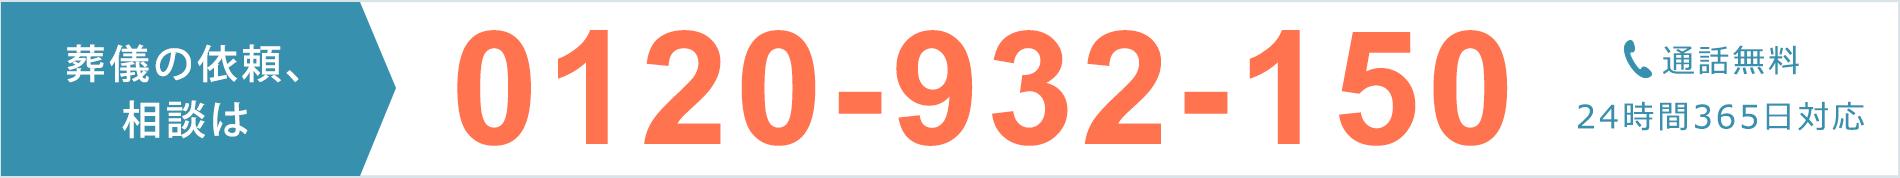 葬儀の依頼、相談は0120-932-150通話料無料24時間365日対応折り返しご連絡致します!